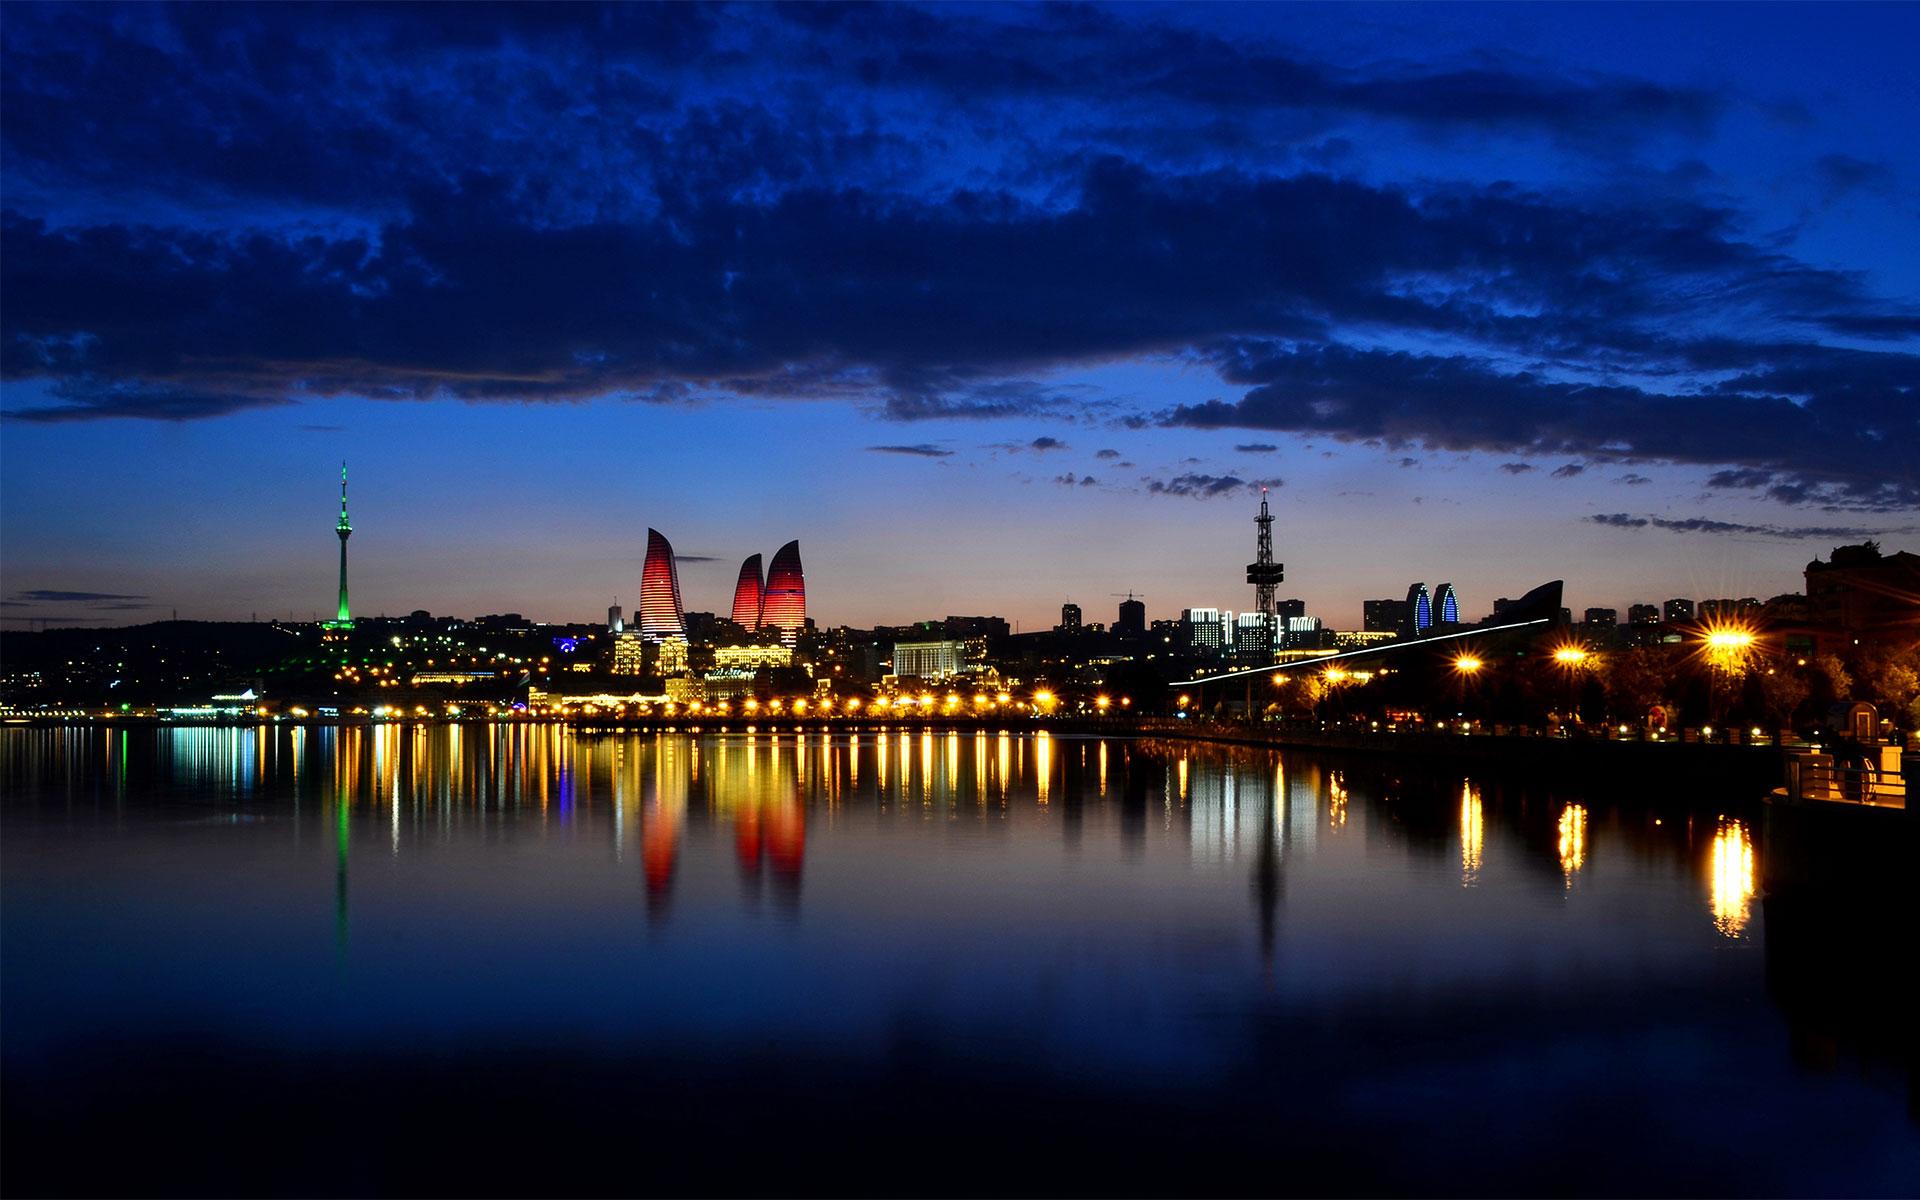 Baku at Night - HD Wallpapers